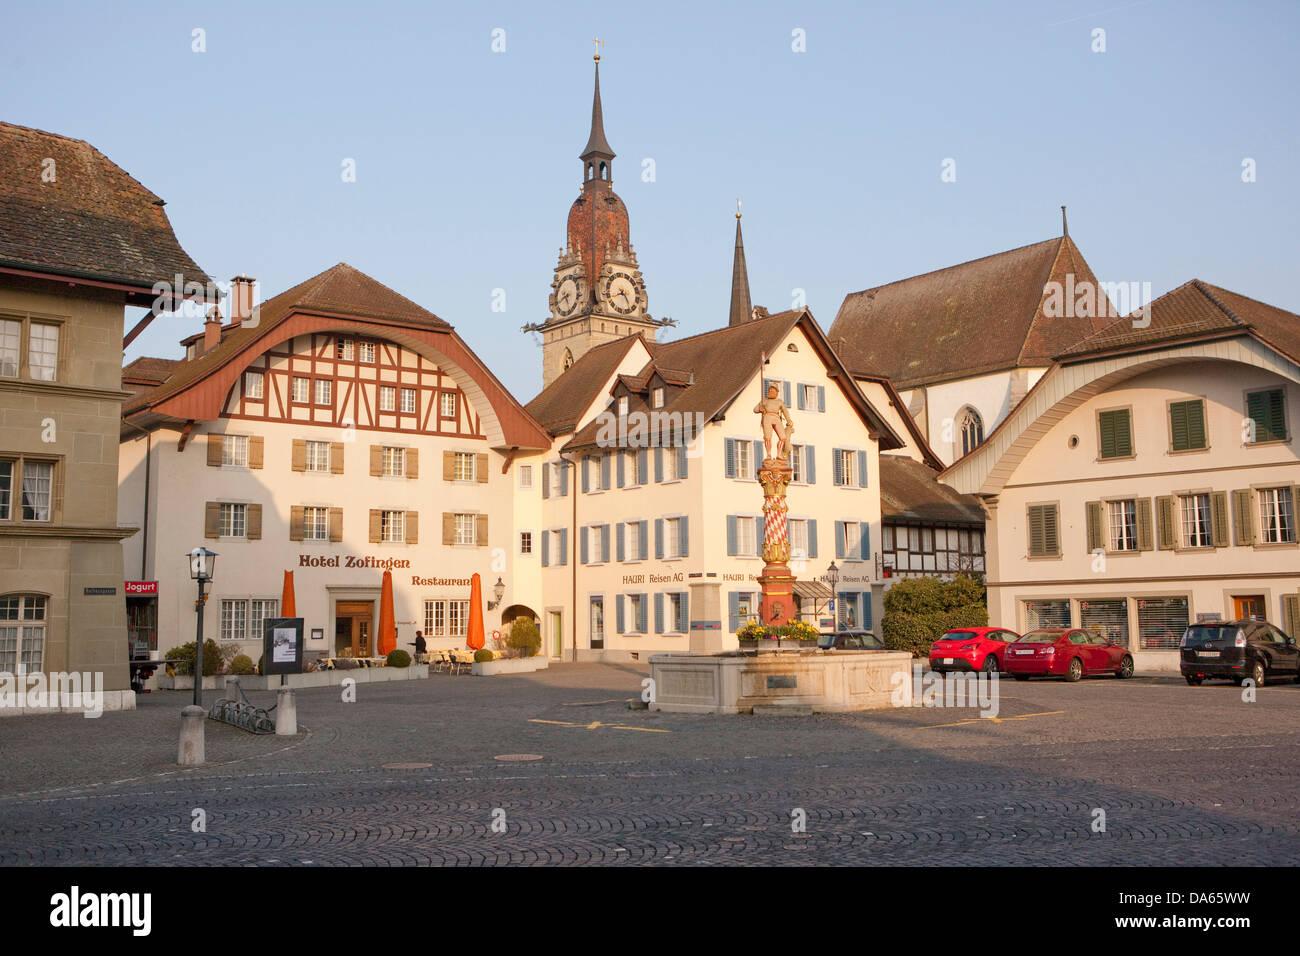 Zofingen, village, ville, canton, AG, Zurich, Switzerland, Europe, place, bien Photo Stock